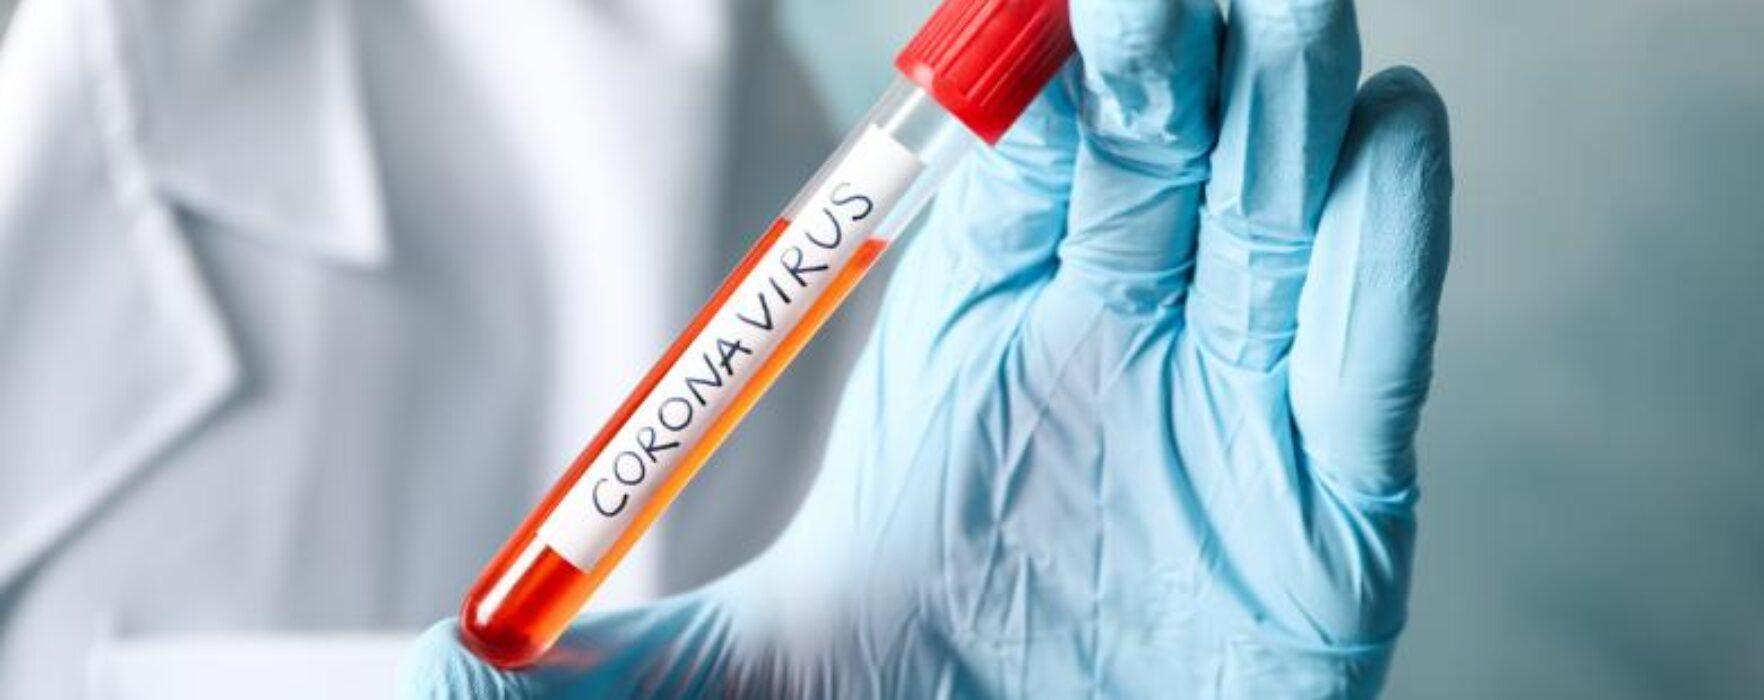 Dâmboviţa: 45 persoane testate pentru coronavirus – date DSP (16 martie)